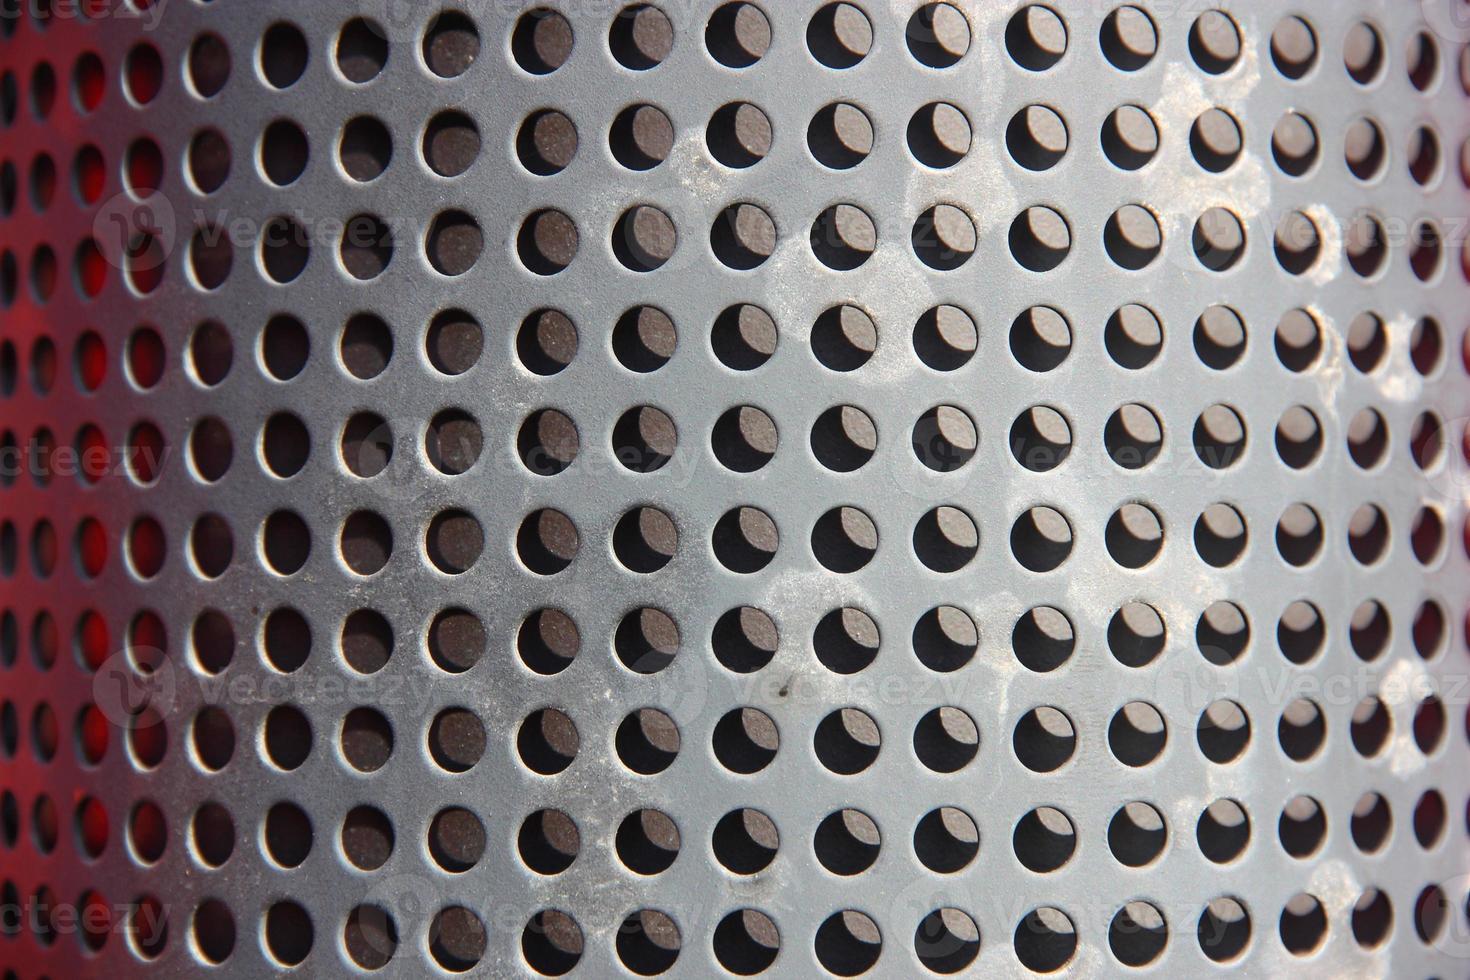 fond de grille métallique troué ou perforé photo